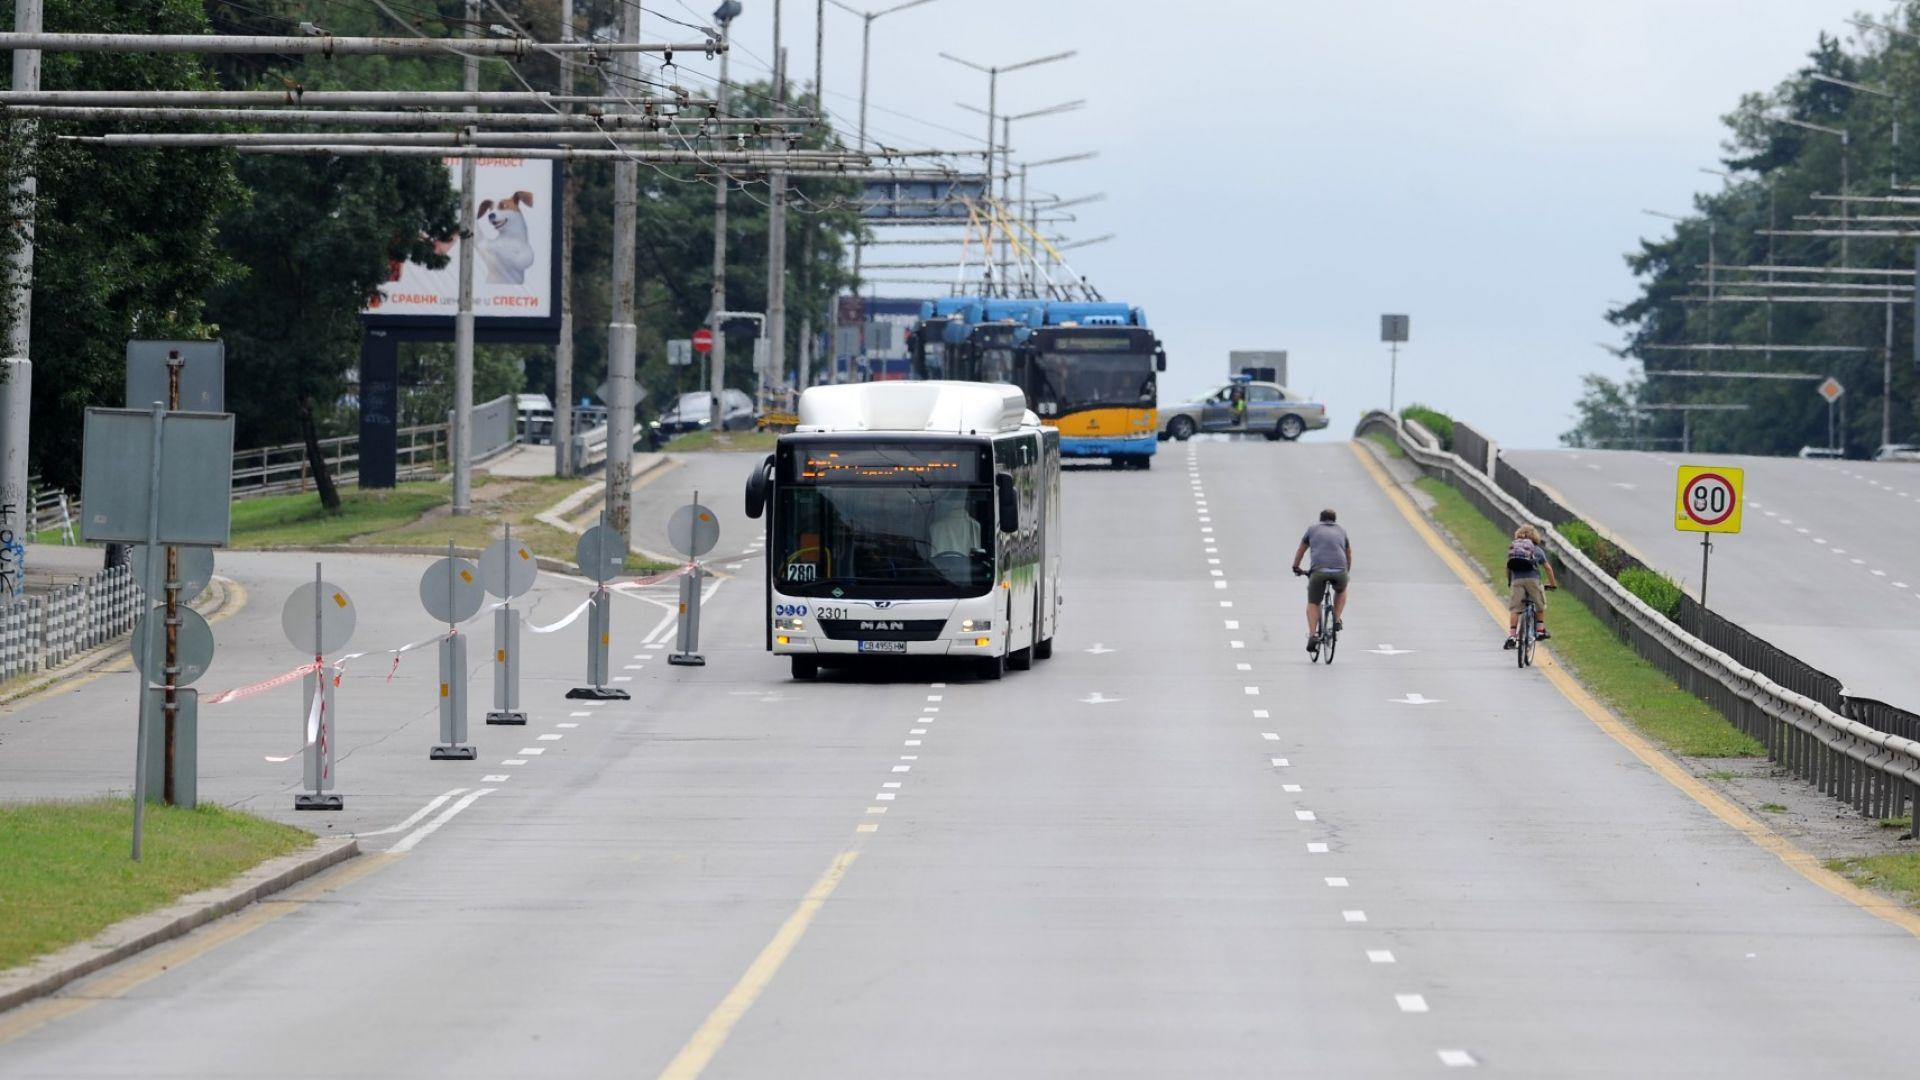 Без нощен градски транспорт в София до края на годината, закриват линия 306